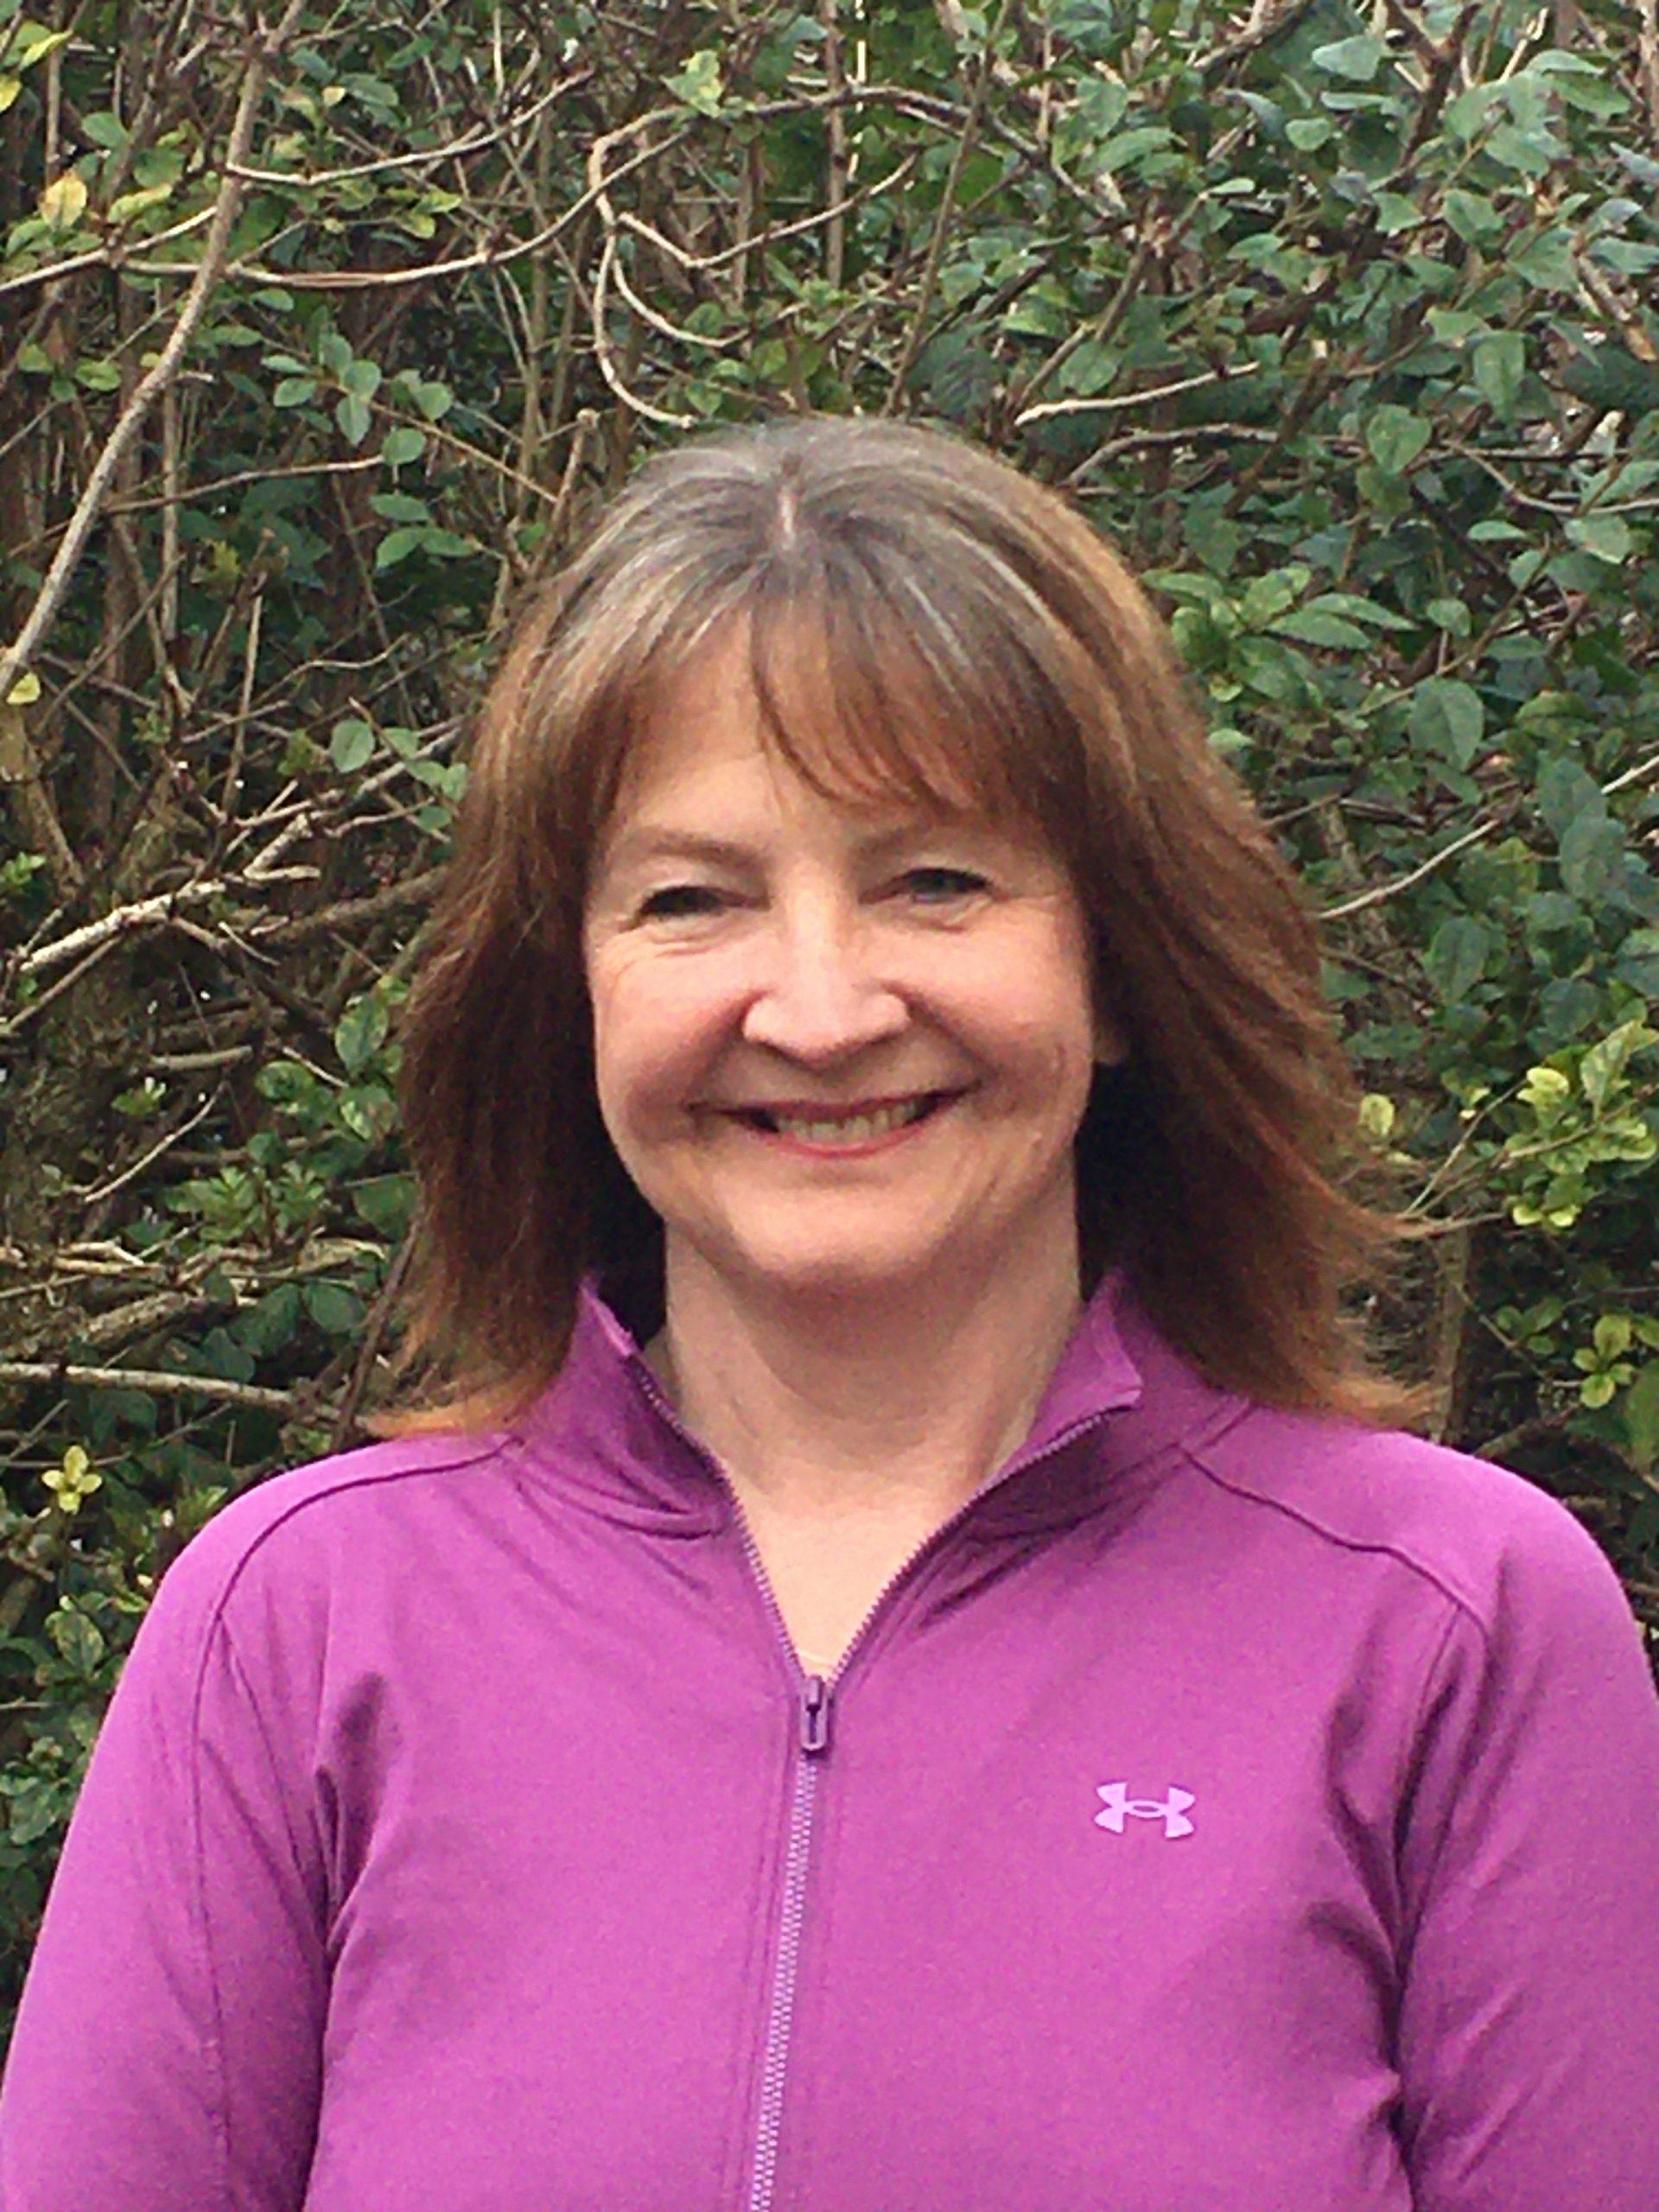 Karen Large